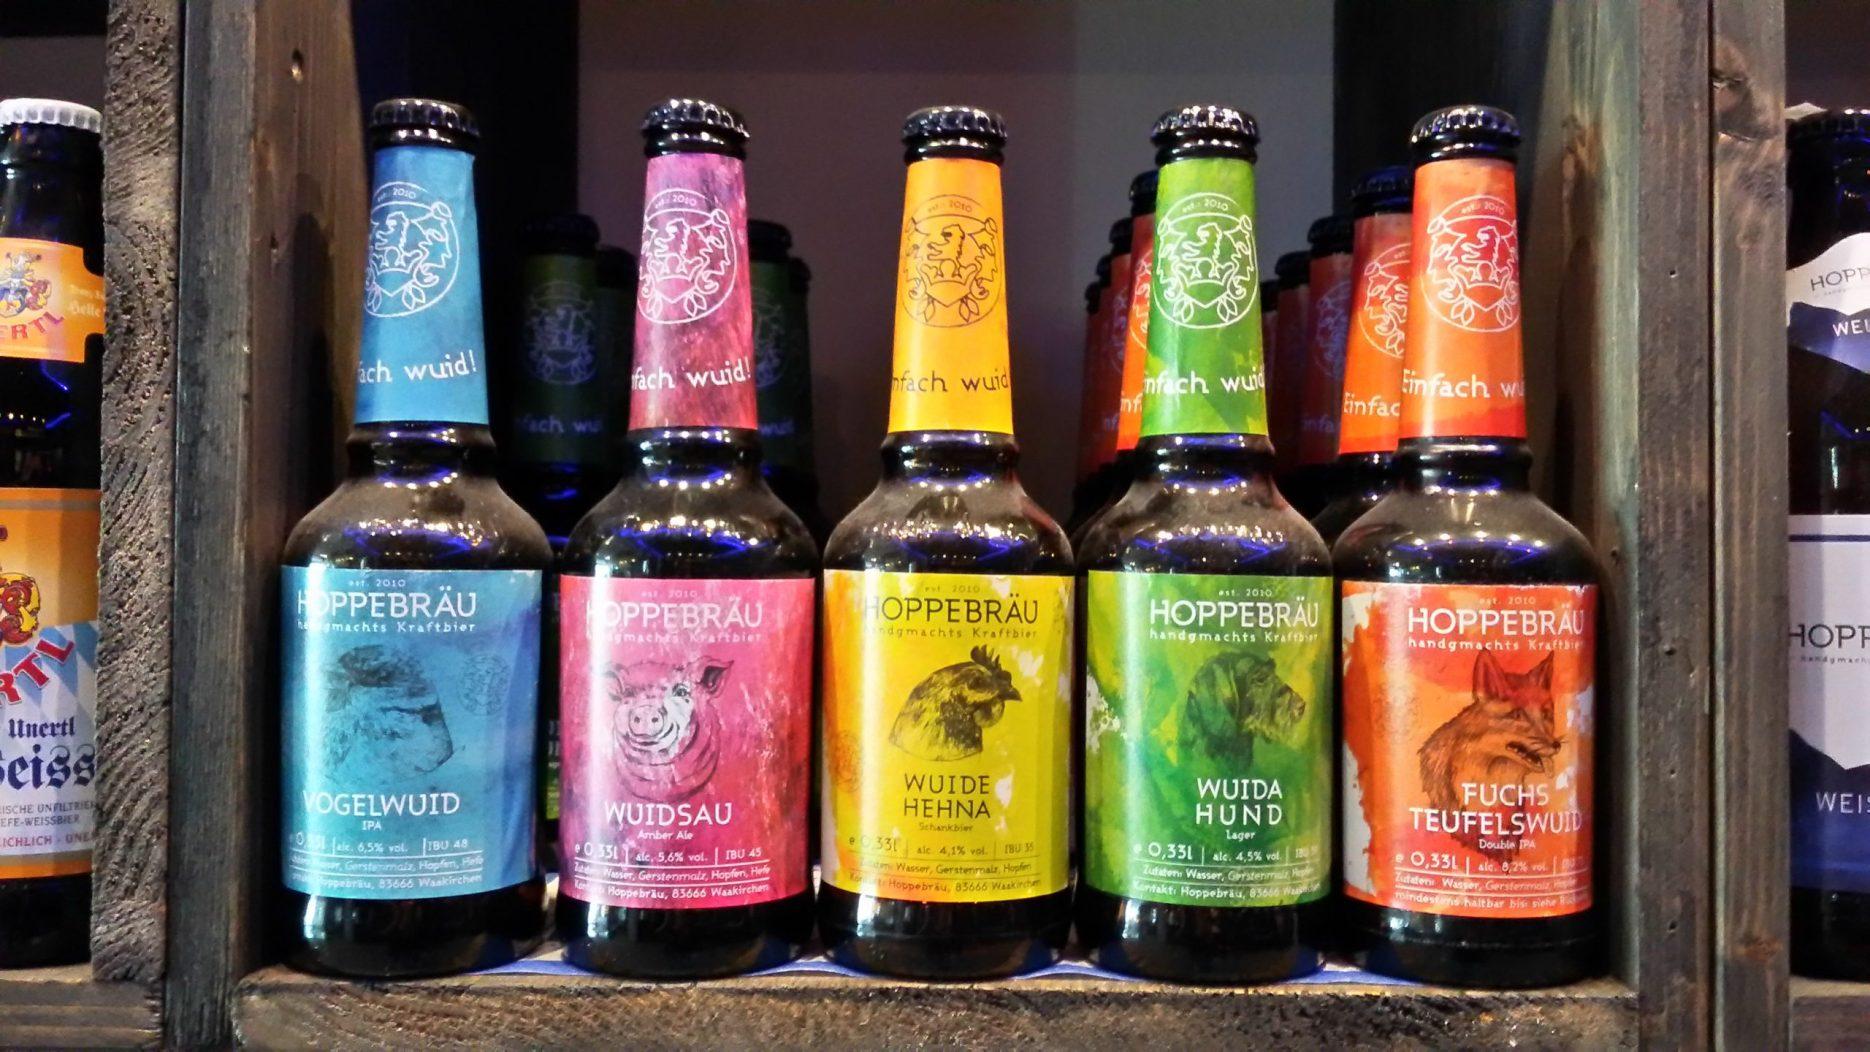 Bunte Bierflaschen, wunderschöne, exotische Etiketten!